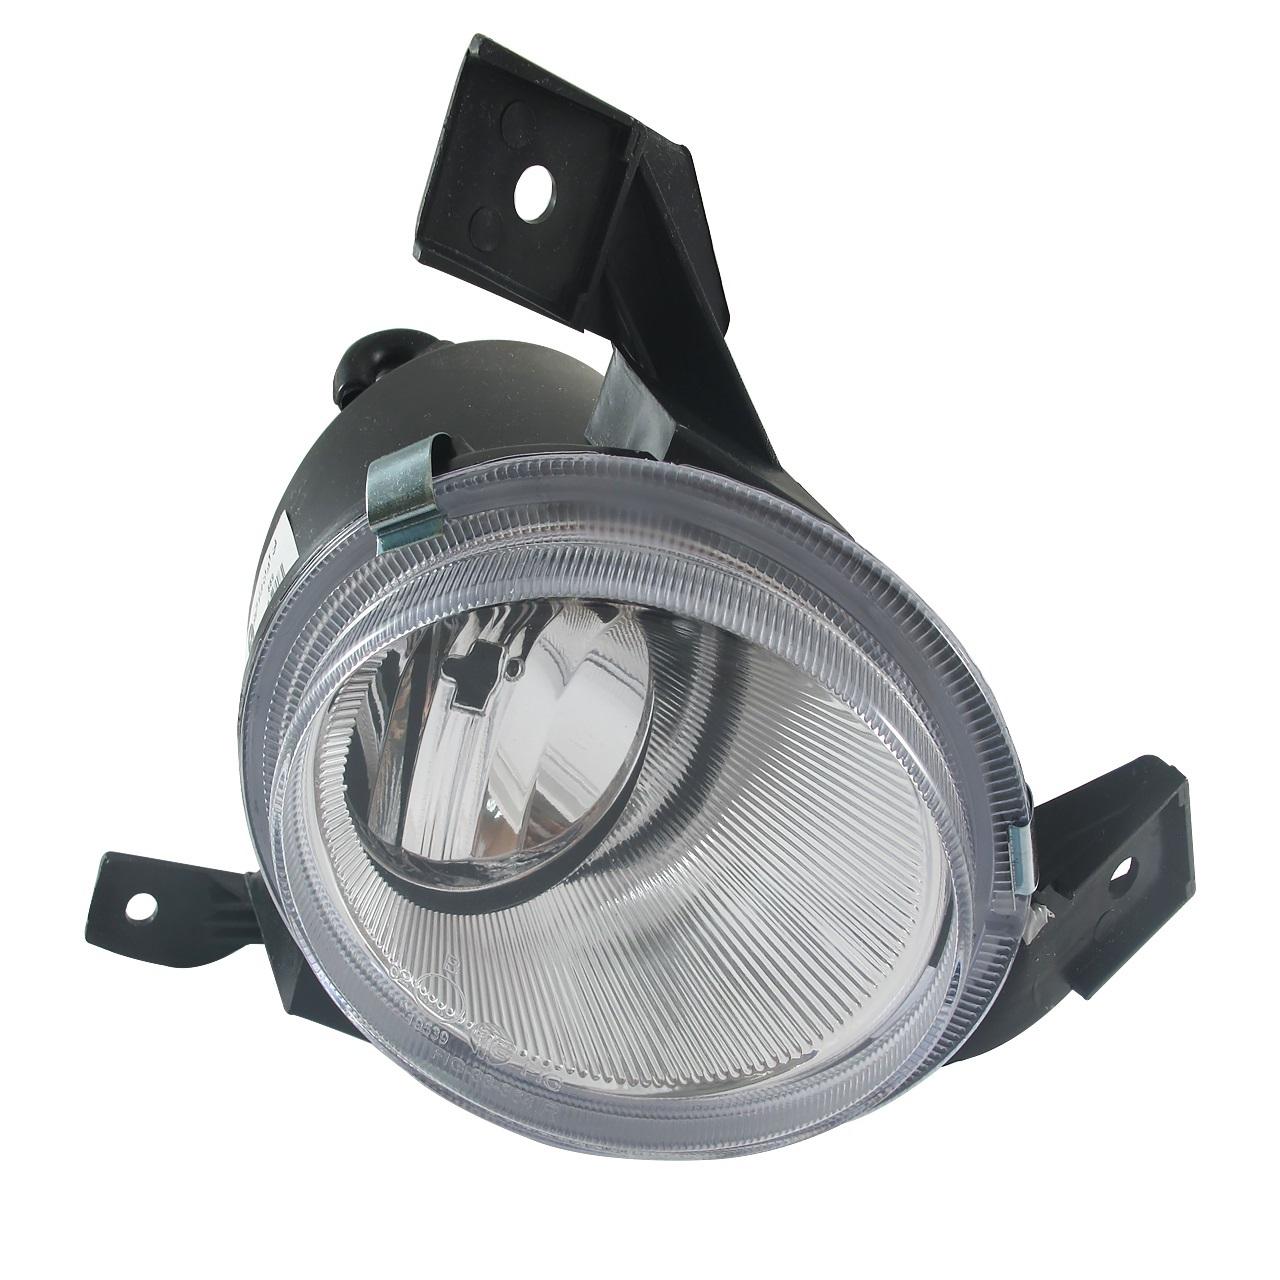 چراغ مه شکن جلو چپ خودرو فن آوران پرتو الوند کد H211288 مناسب برای تیبا